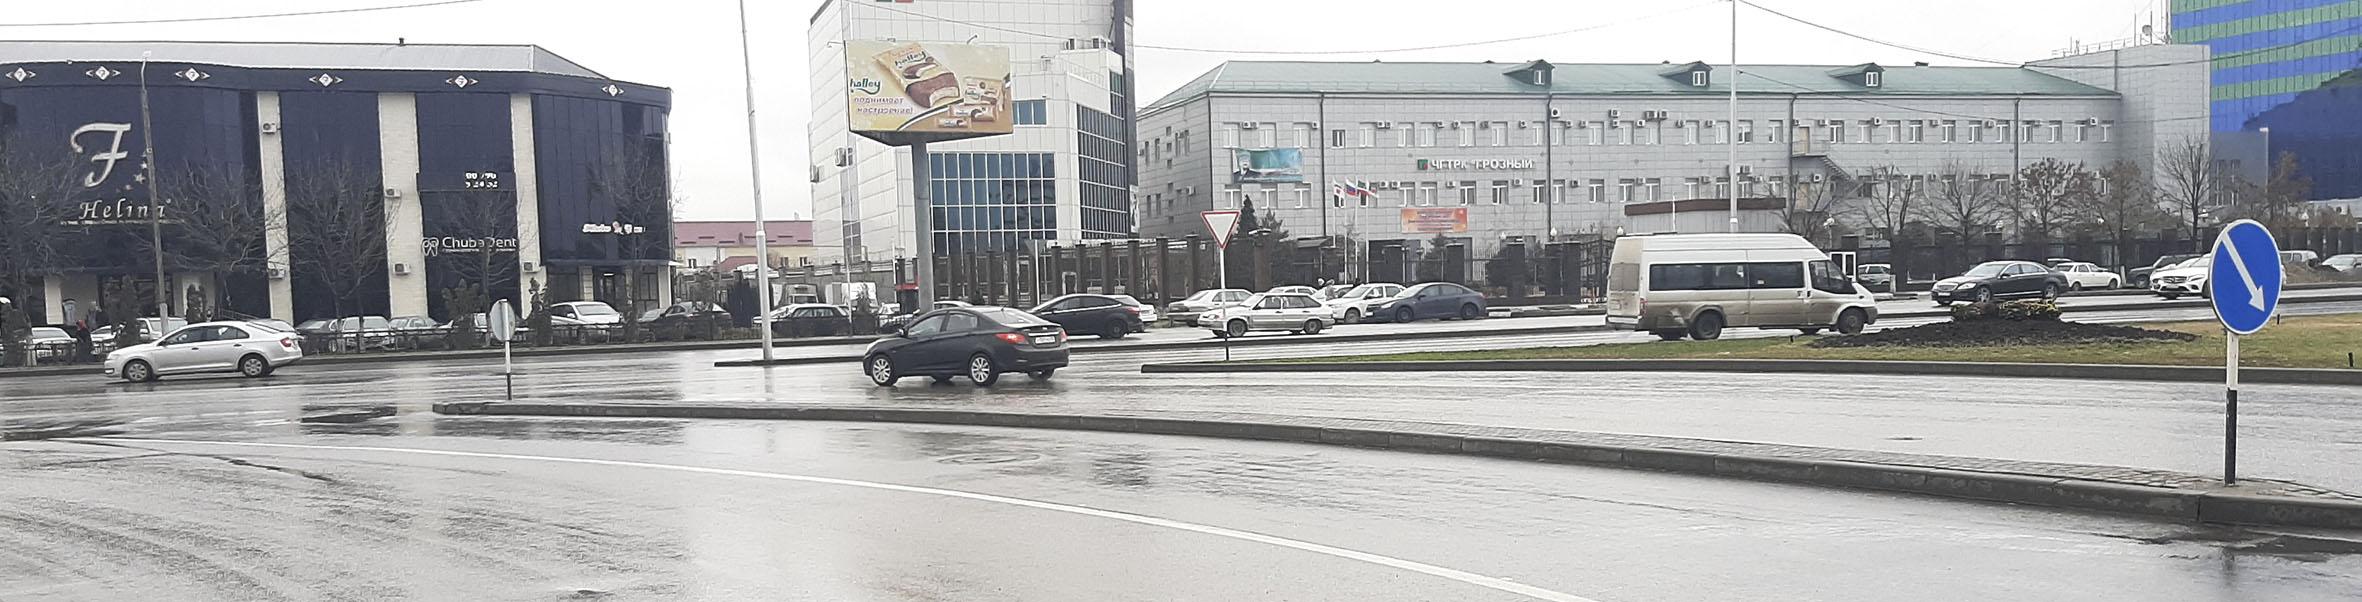 Реклама в Грозном на щитах 3х6 билборды